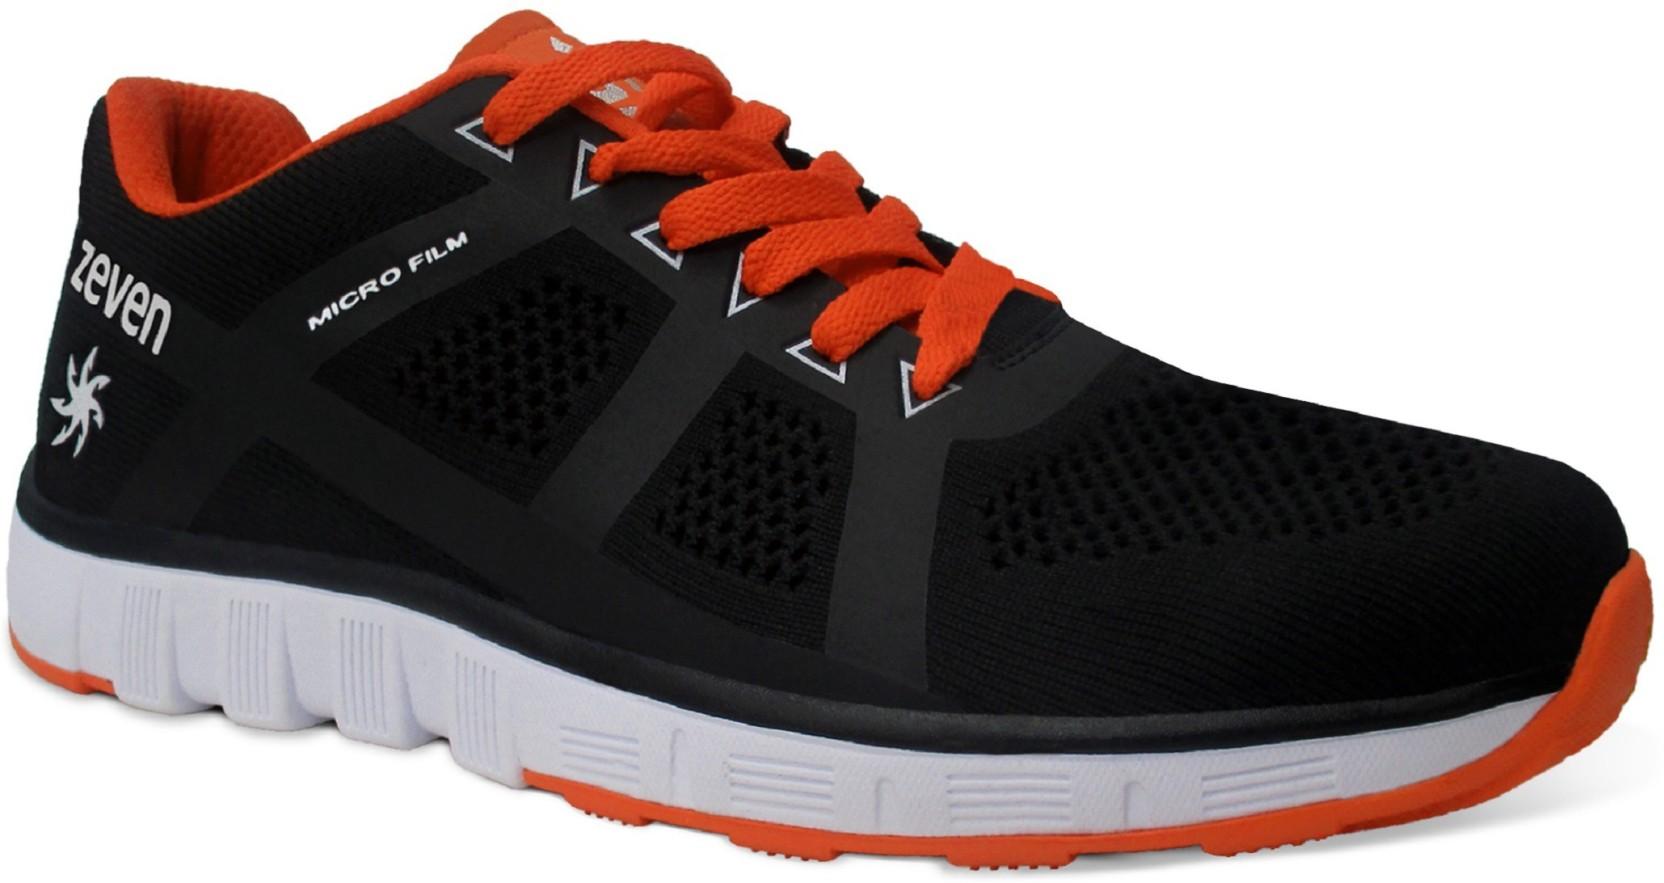 Zeven Grip Training   Gym Shoes For Men - Buy Black Color Zeven Grip ... 889af6684